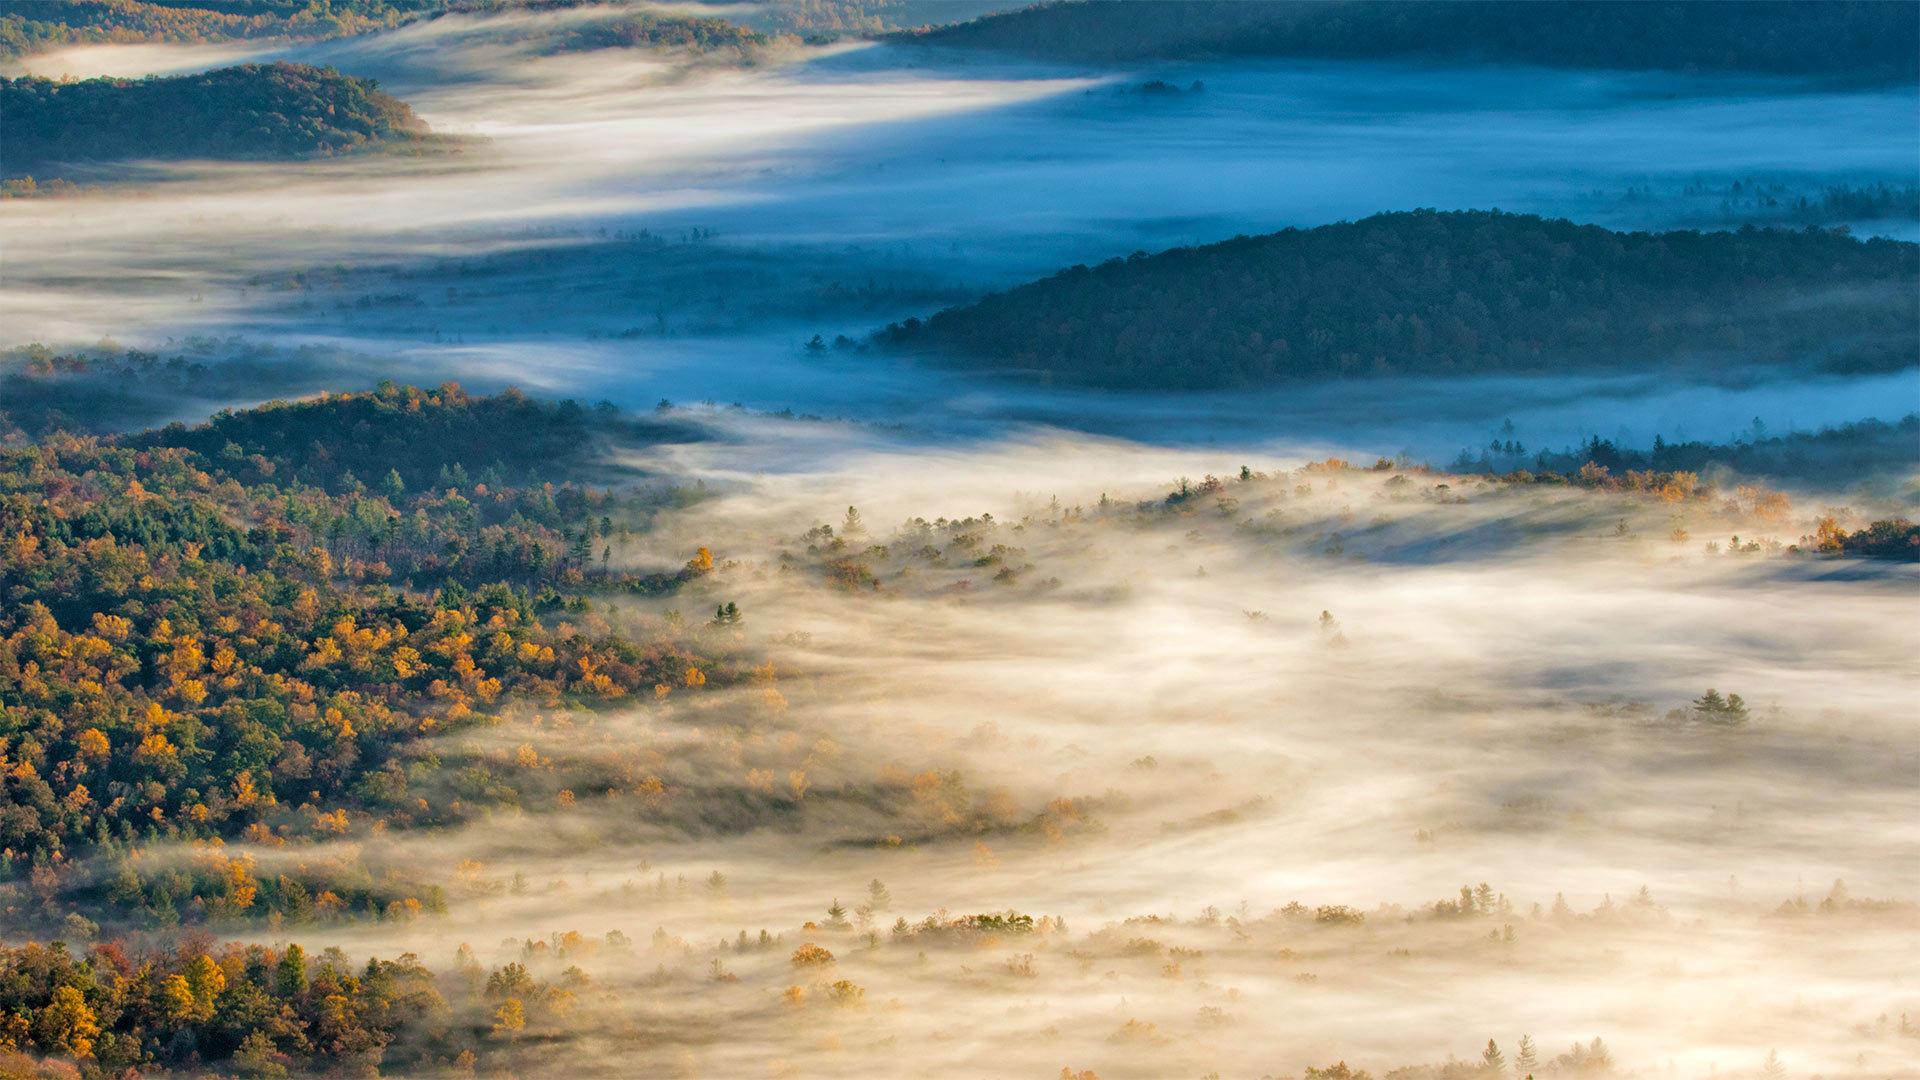 布里瓦德附近的皮斯加国家森林皮斯加国家森林